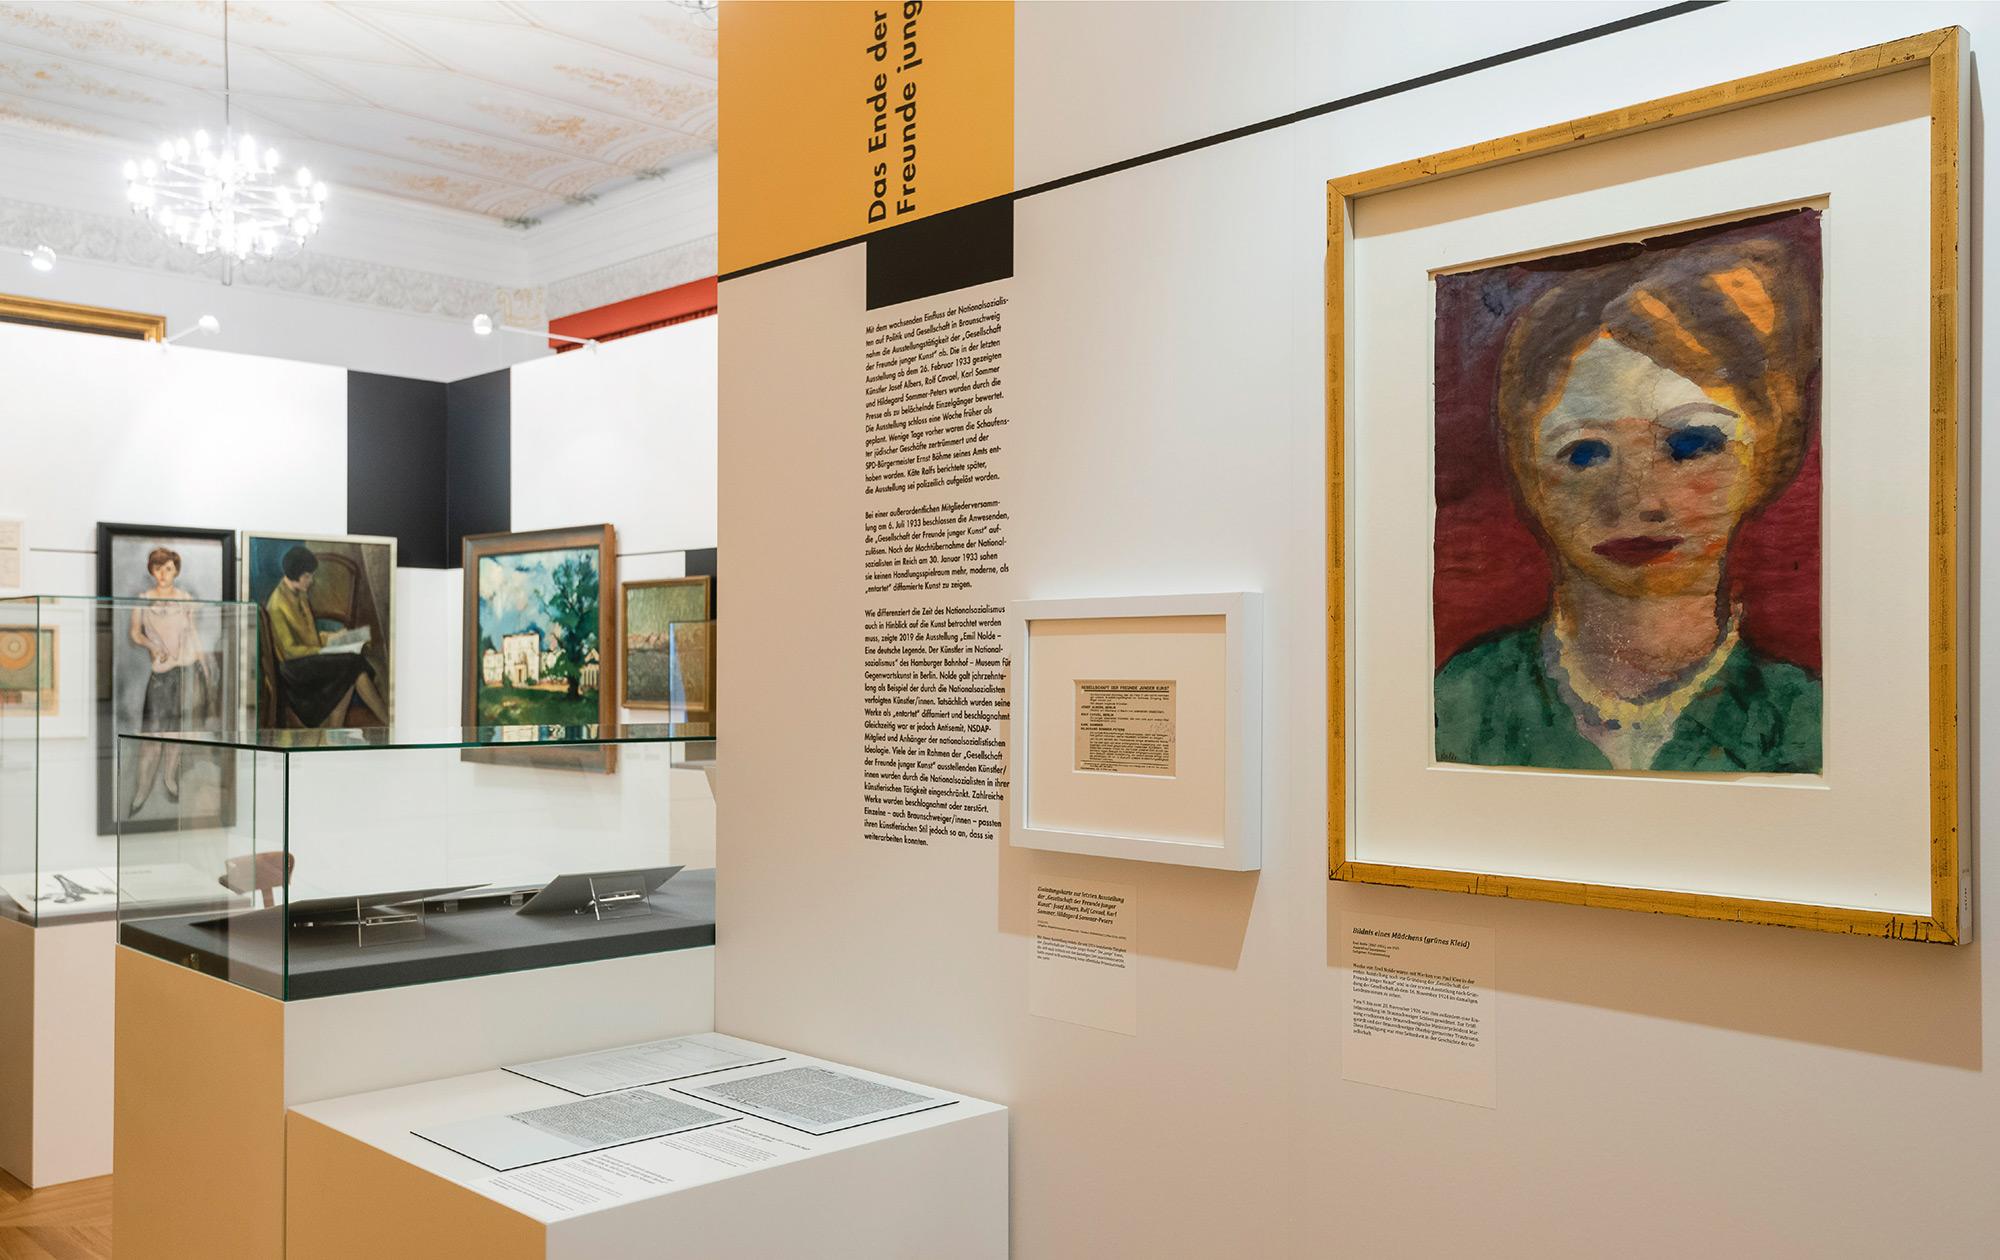 Mila-wall Stellwände in einer Ausstellung zur Klassischen Moderne  im Schlossmuseum Braunschweig